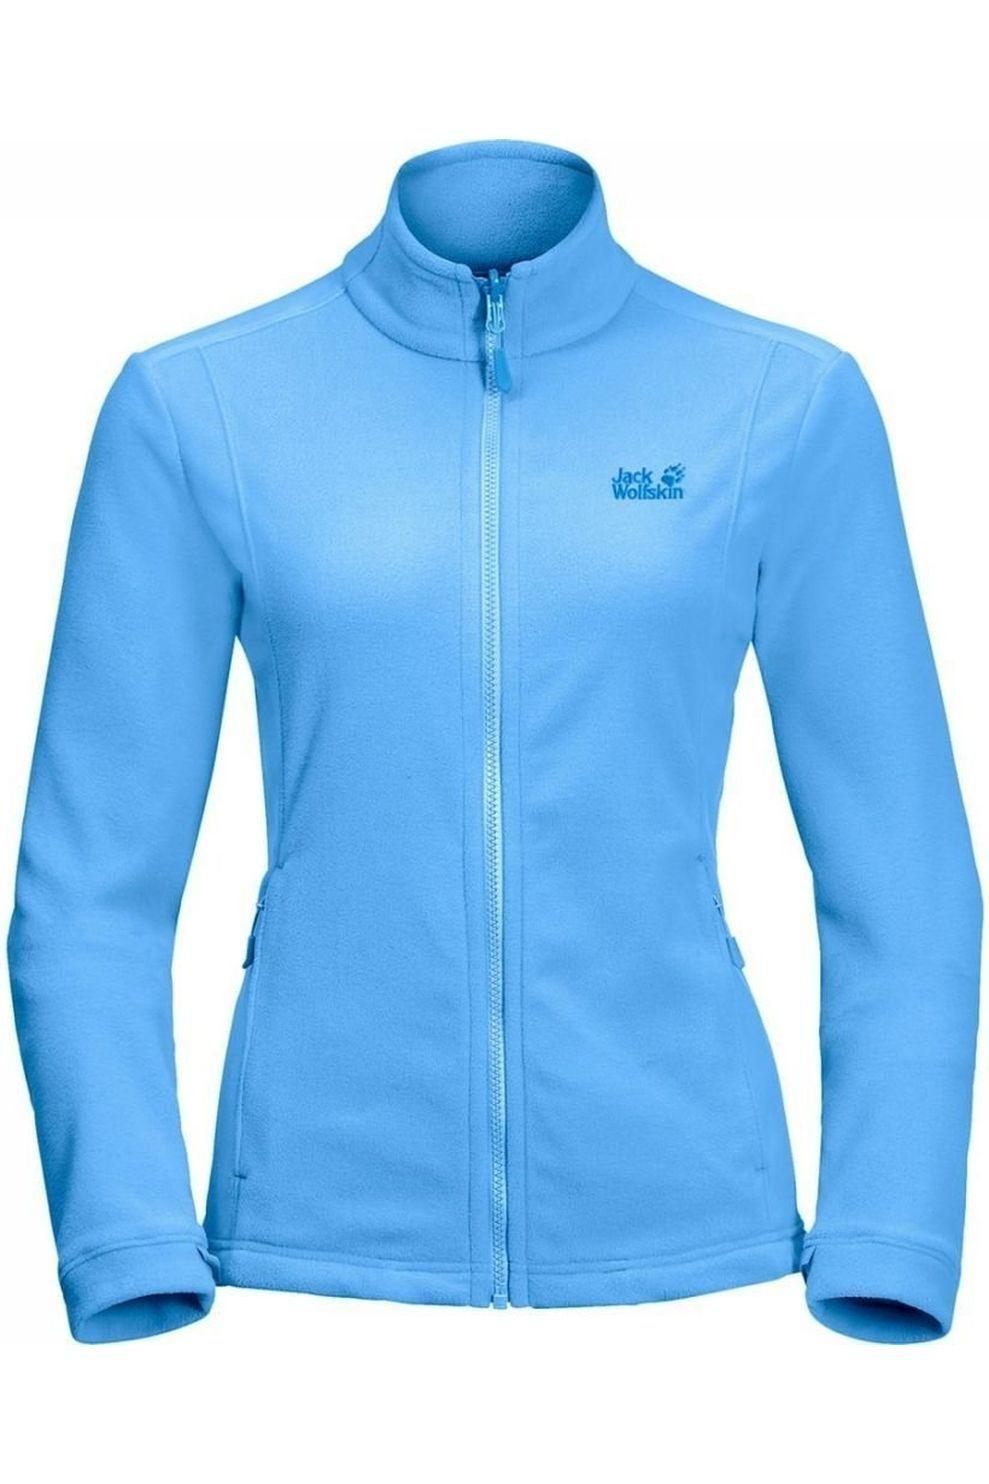 Jack Wolfskin Fleece Kiruna Eco voor dames Blauw Maten: S, M, L, XL